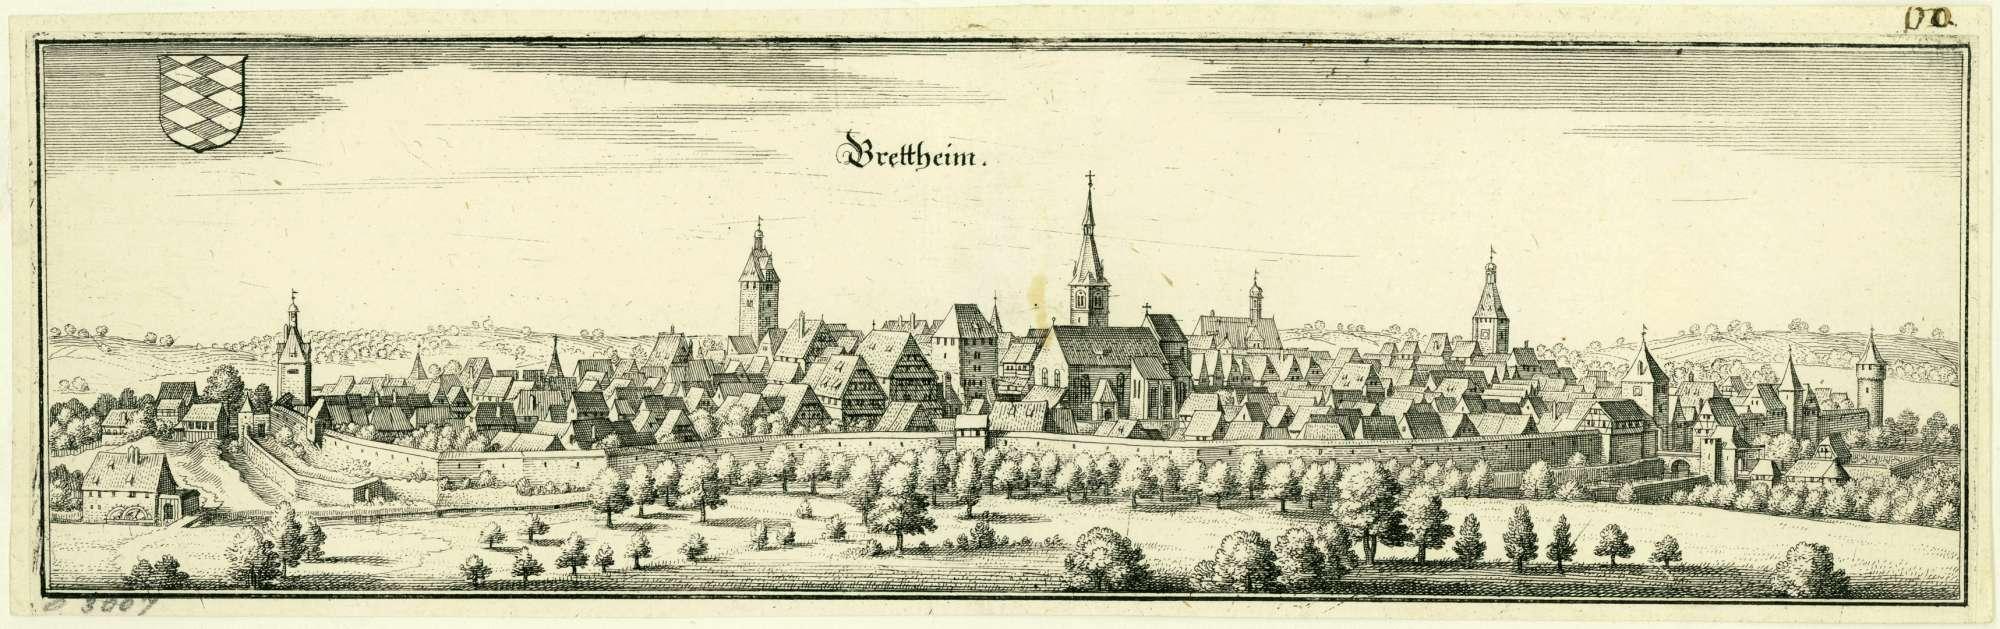 Brettheim, Bild 1